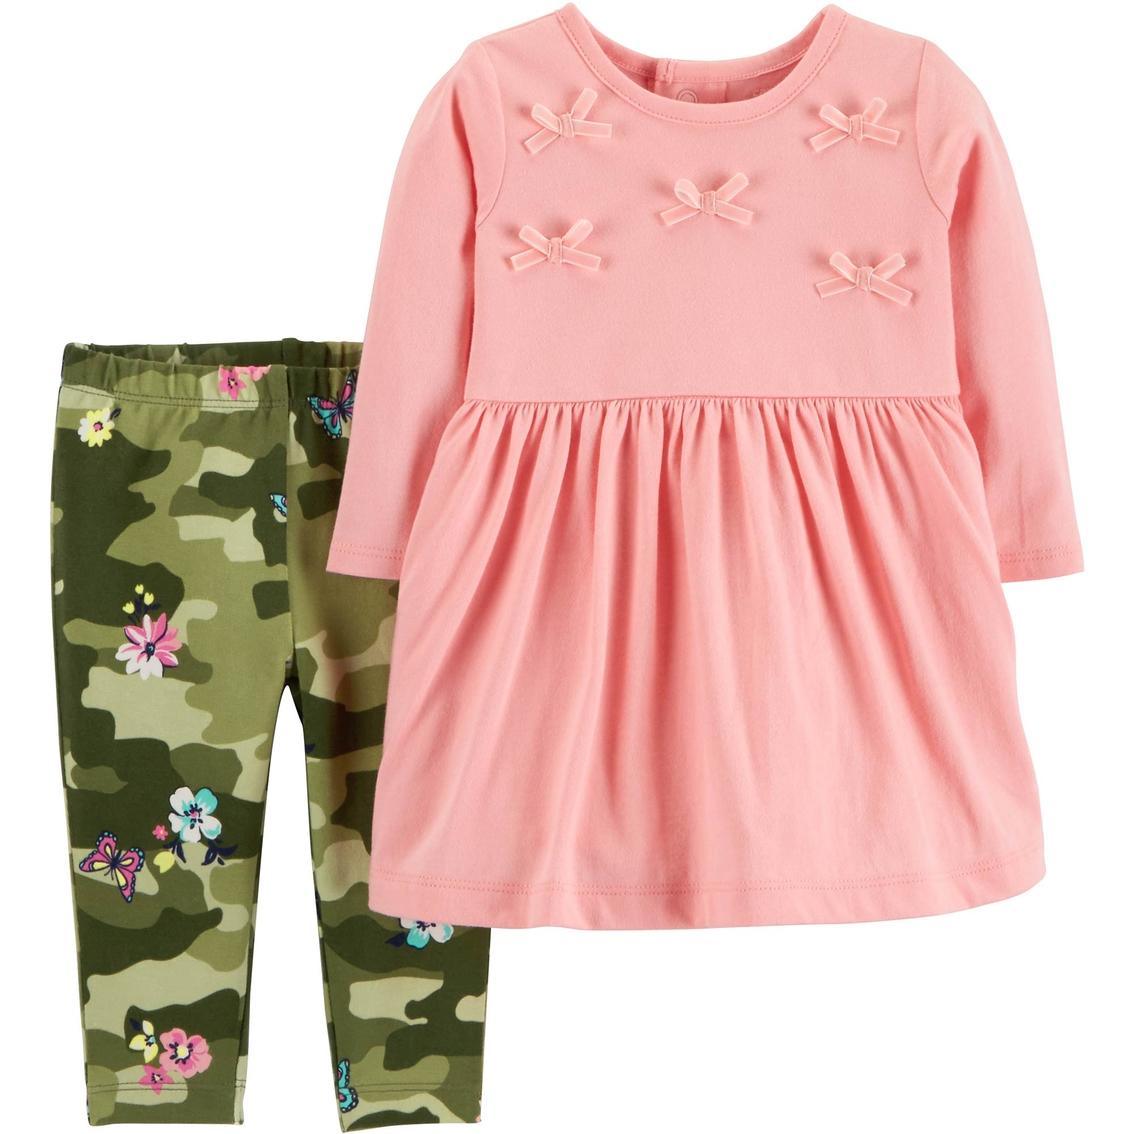 b28fabf95 Carter's Infant Girls 2 Pc. Dress And Leggings Set   Baby Girl 0-24 ...